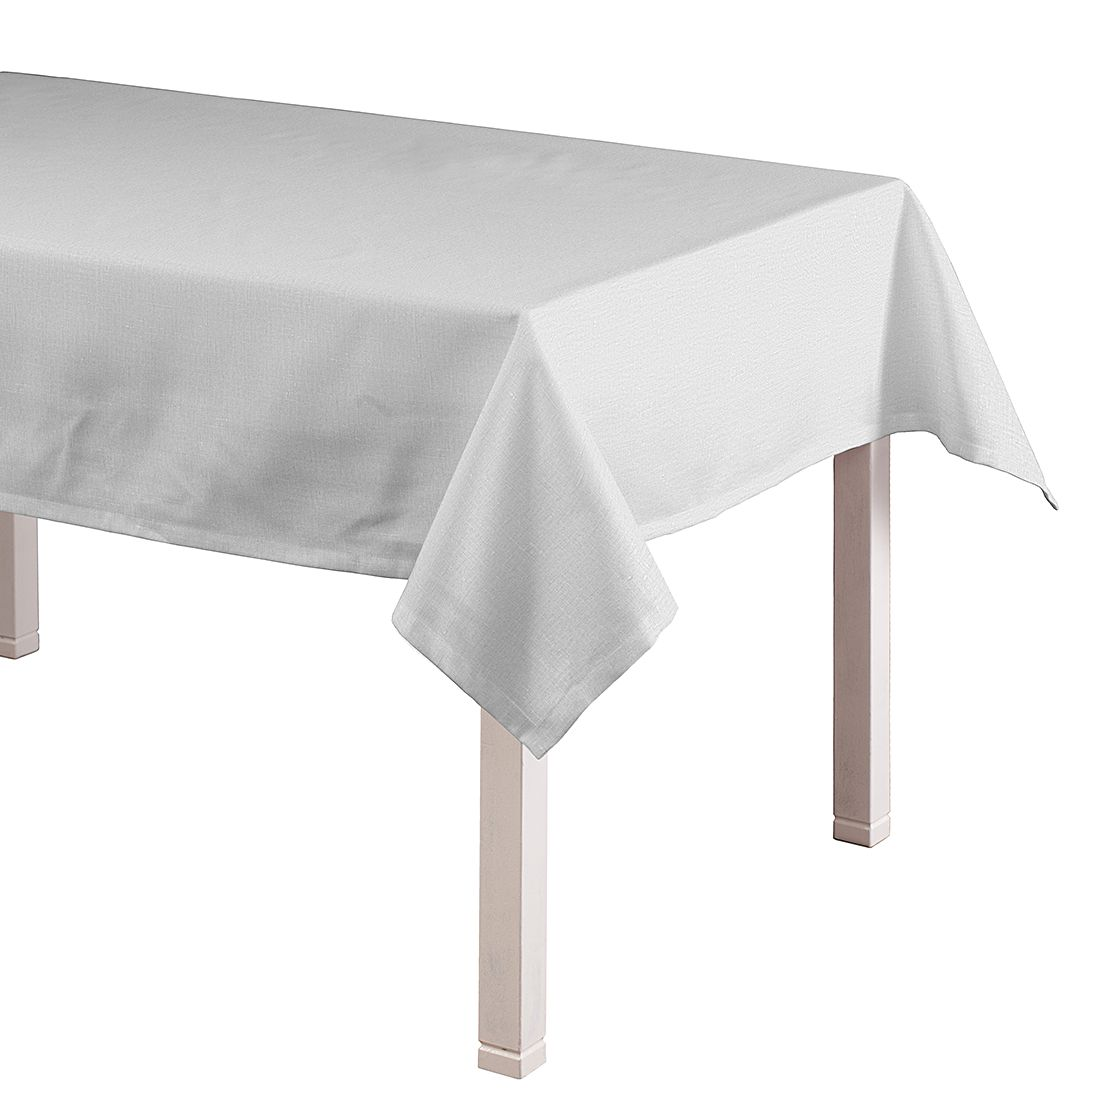 Tischdecke Linen – Elfenbein – 130 x 280 cm, Dekoria kaufen